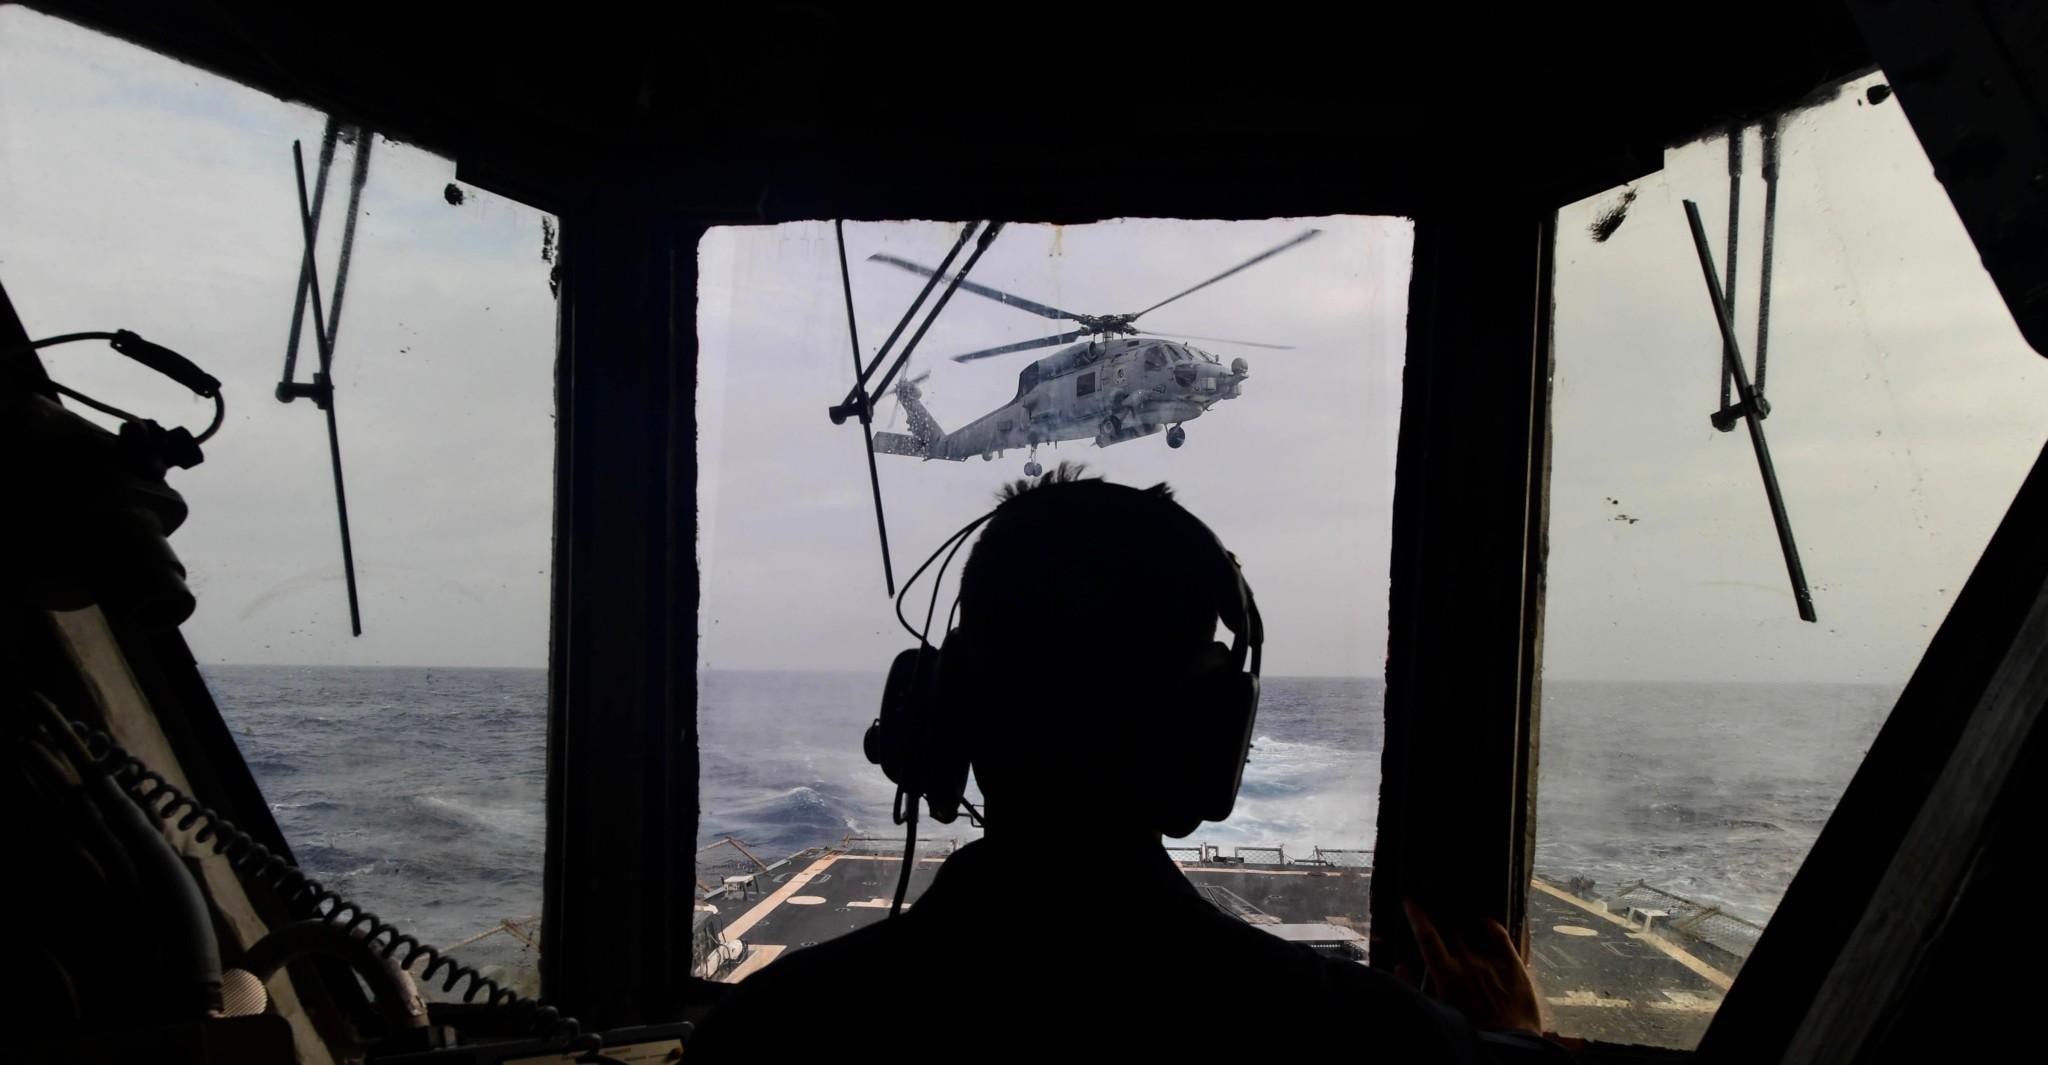 Avviser hastekjøp av nye helikoptre fra USA